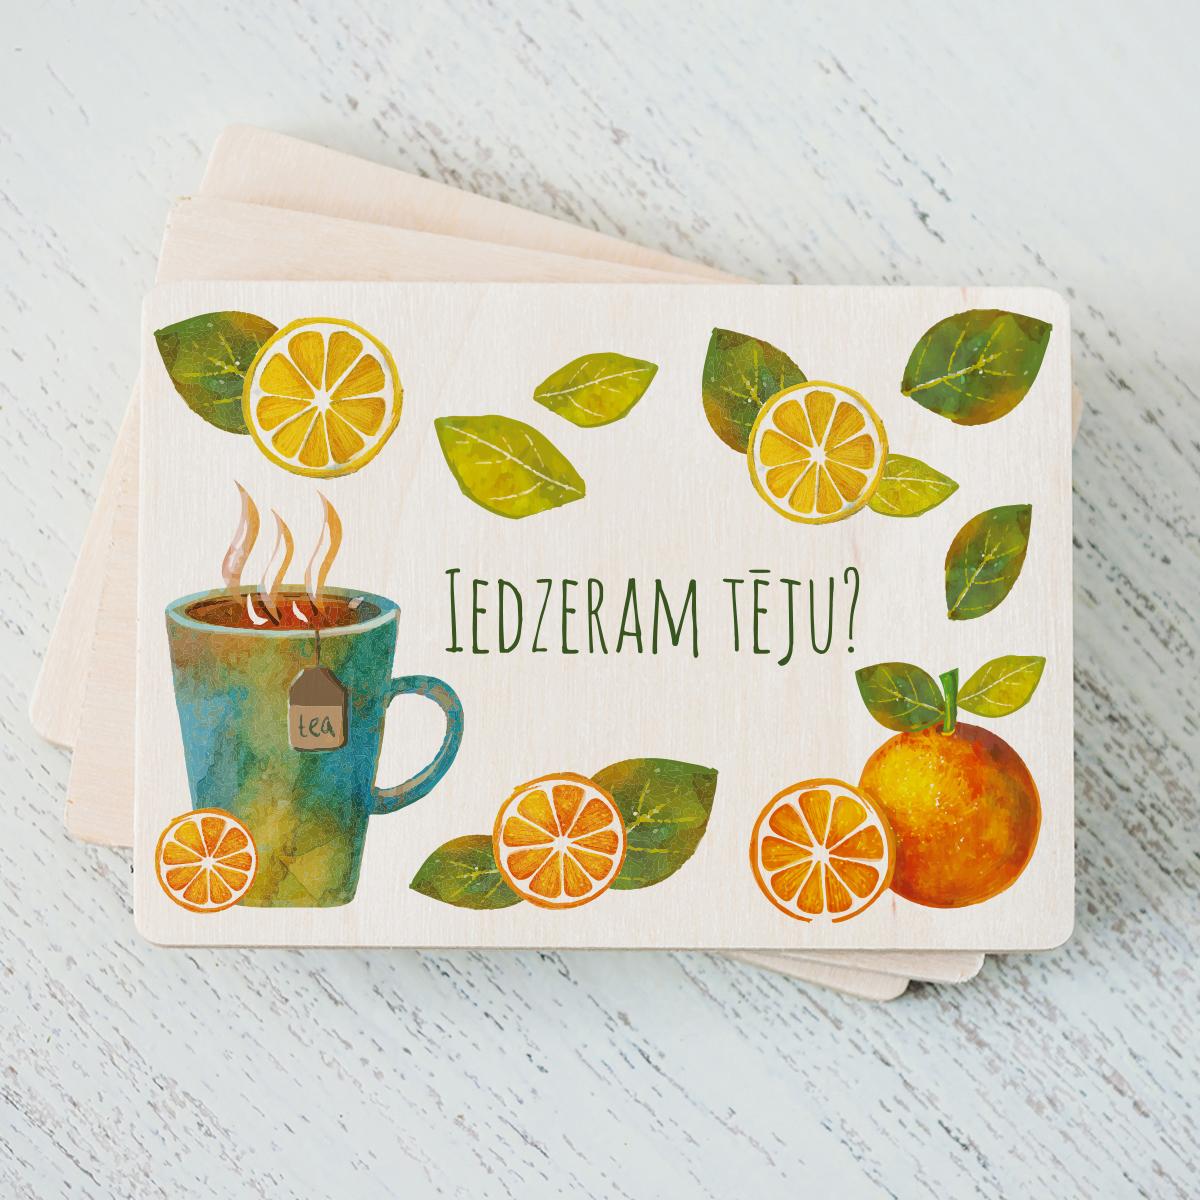 """Balts magnēts ar krāsainu tējas tases zīmējumu un tekstu: """"Iedzeram tēju?"""""""